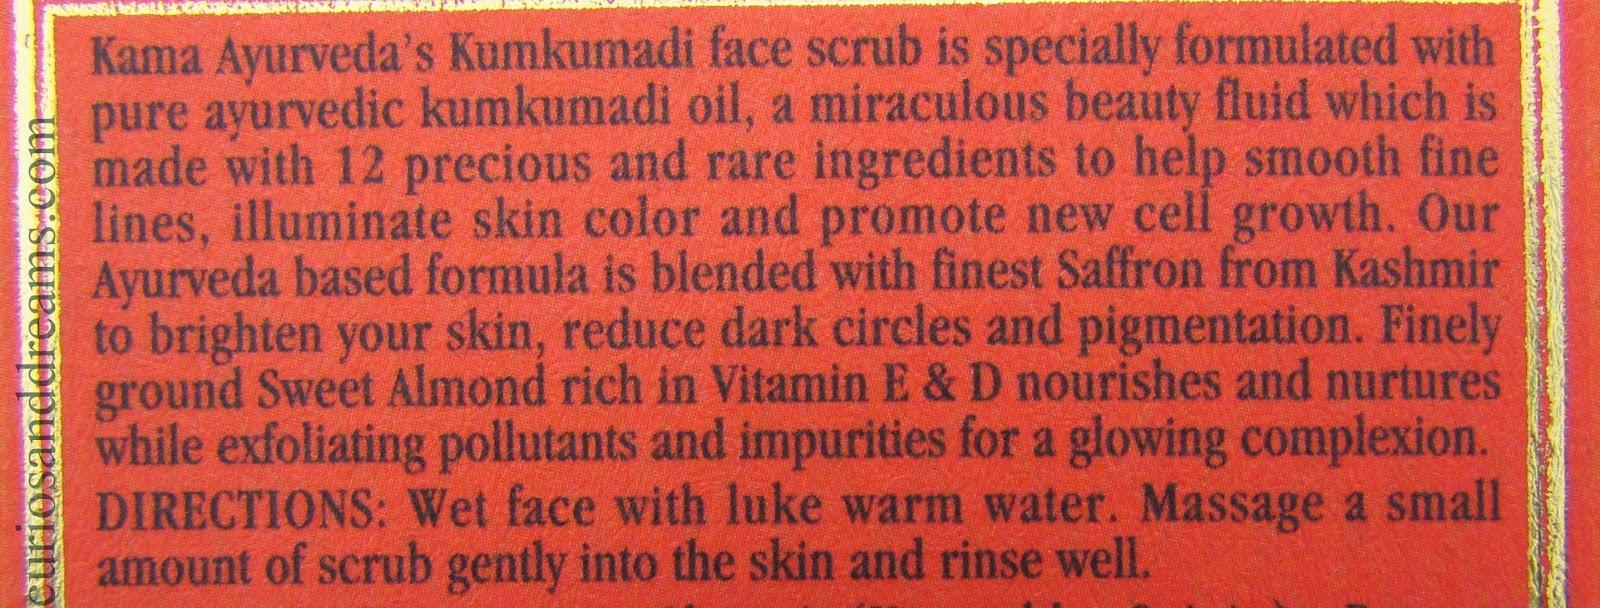 Kama Ayurveda Kumkumadi Brightening Ayurvedic Face Scrub, Kama Ayurveda Kumkumadi Brightening Ayurvedic Face Scrub review, Kama Ayurveda Kumkumadi Brightening Face Scrub